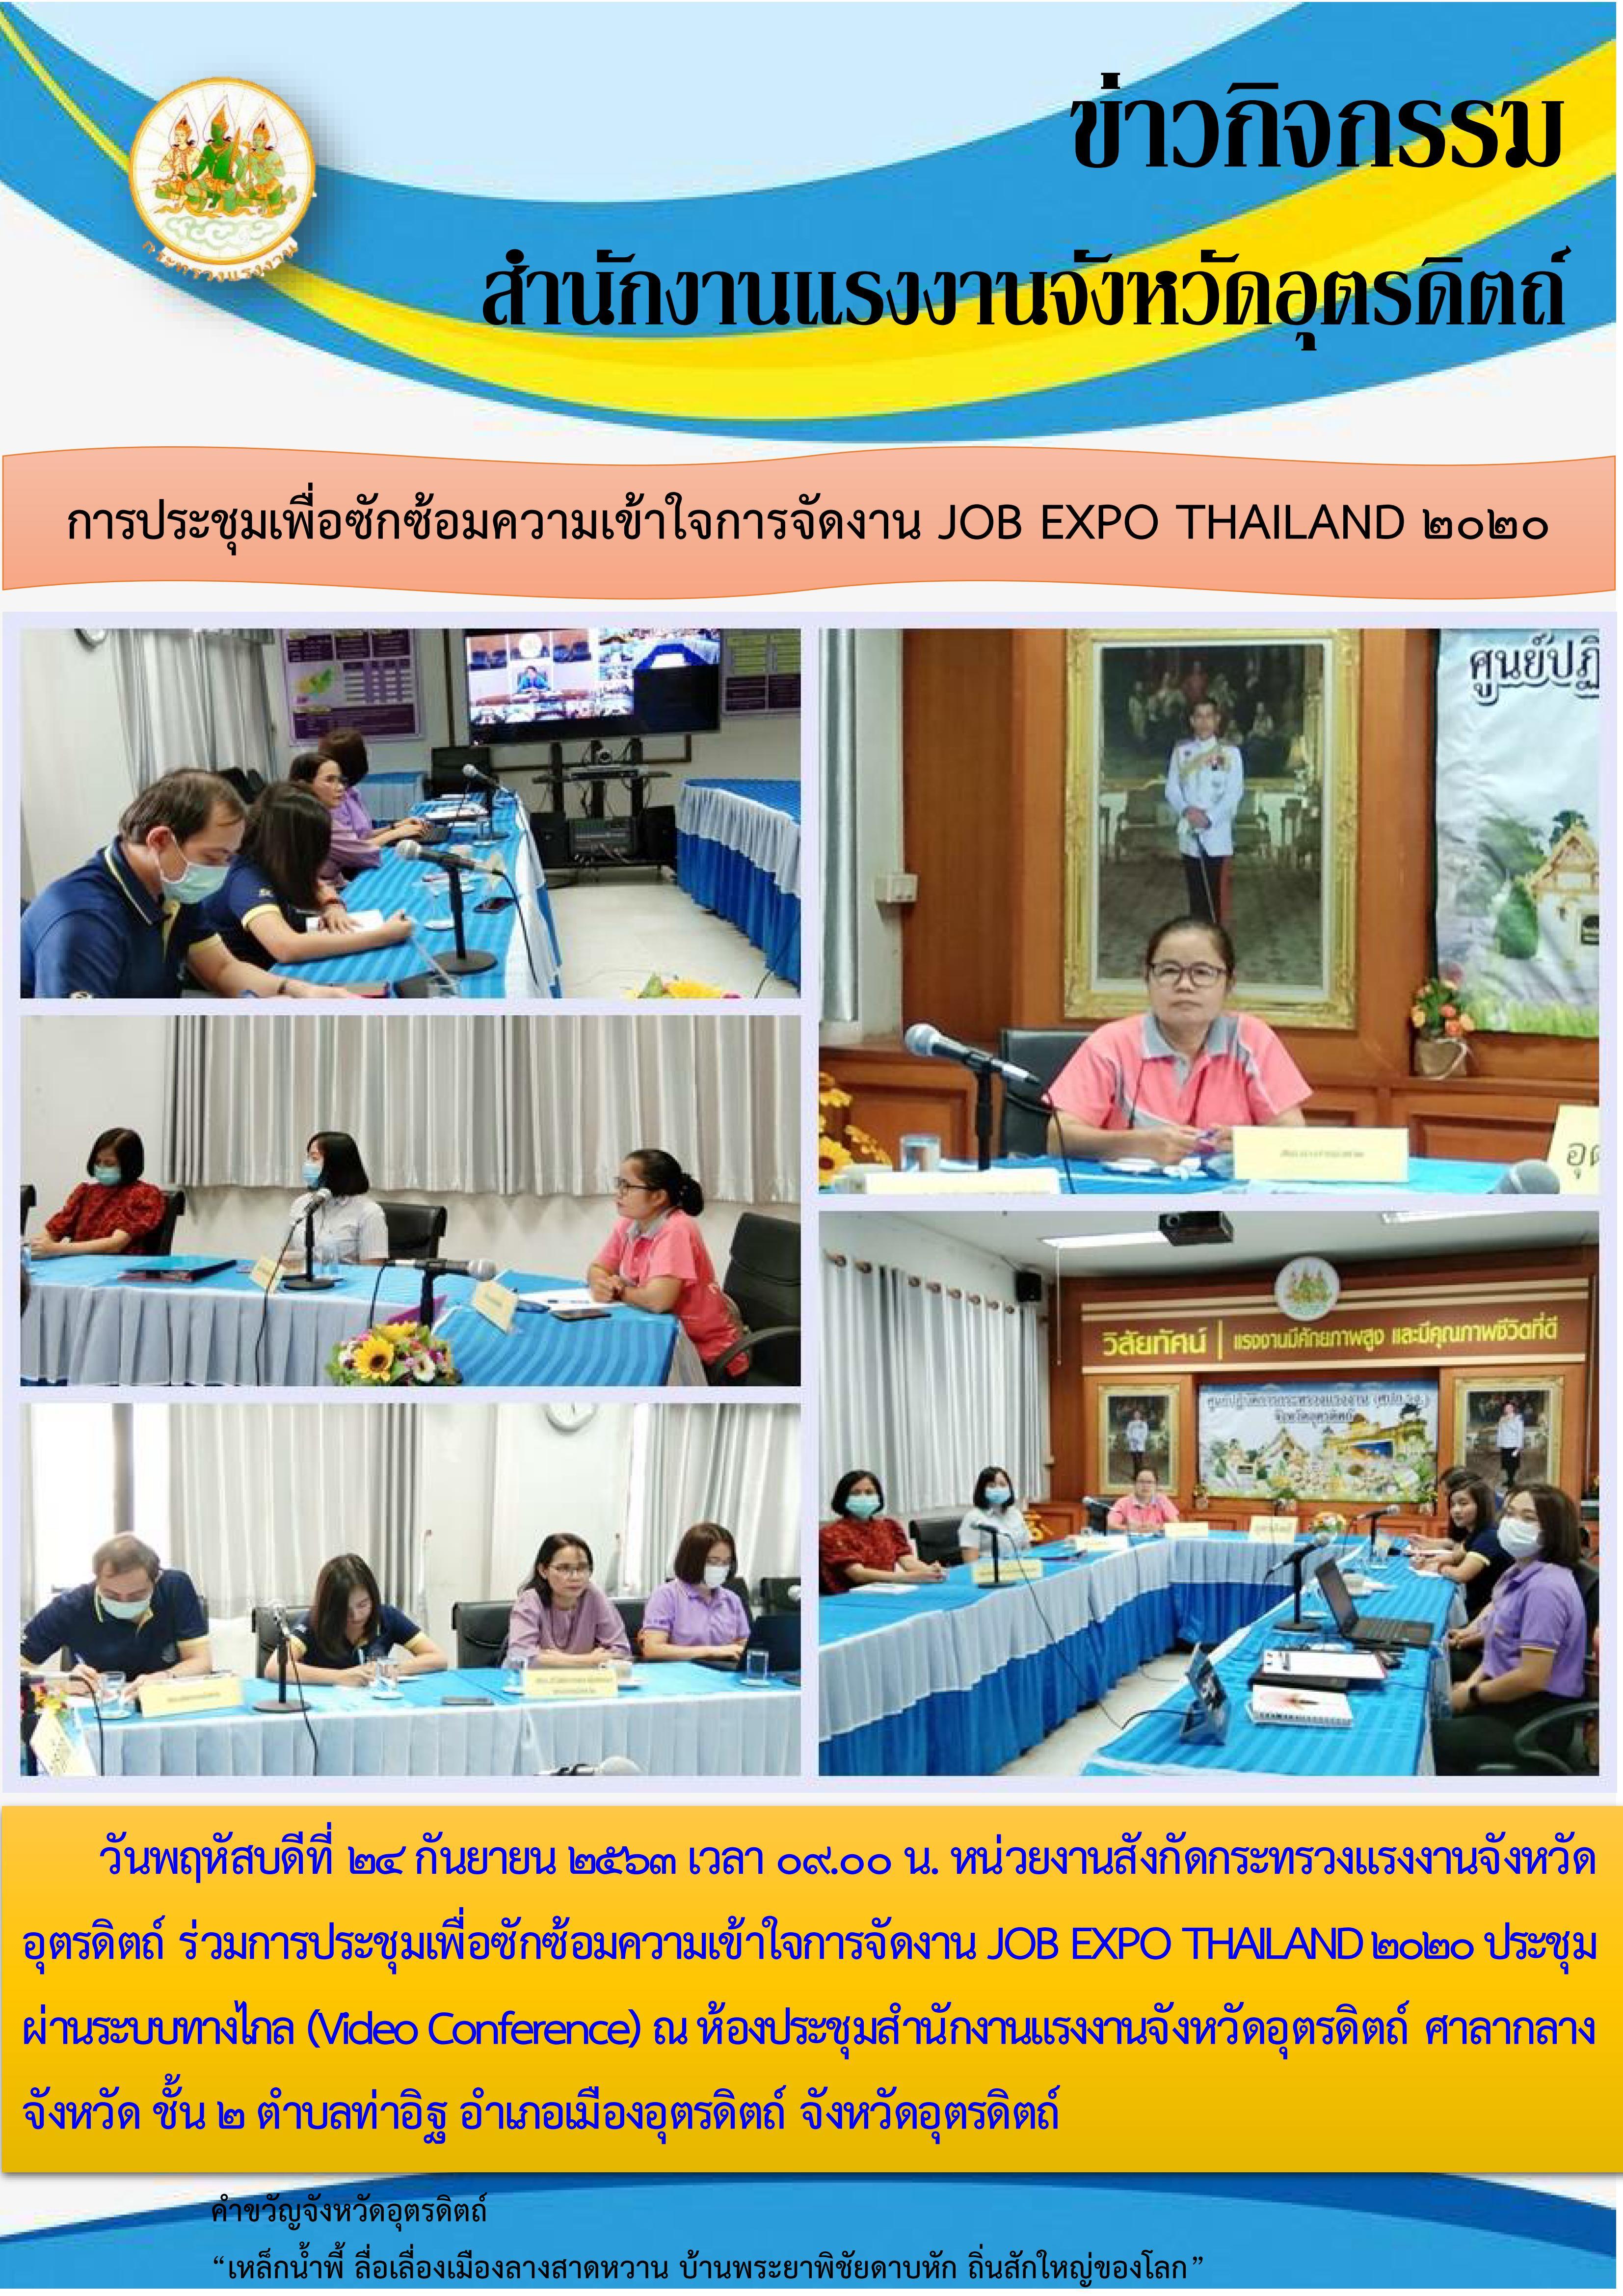 หน่วยงานสังกัดกระทรวงแรงงานจังหวัดอุตรดิตถ์ ร่วมประชุมรับฟัง Video Conference เพื่อซักซ้อมความเข้าใจการจัดงาน Job Expo Thailand 2020